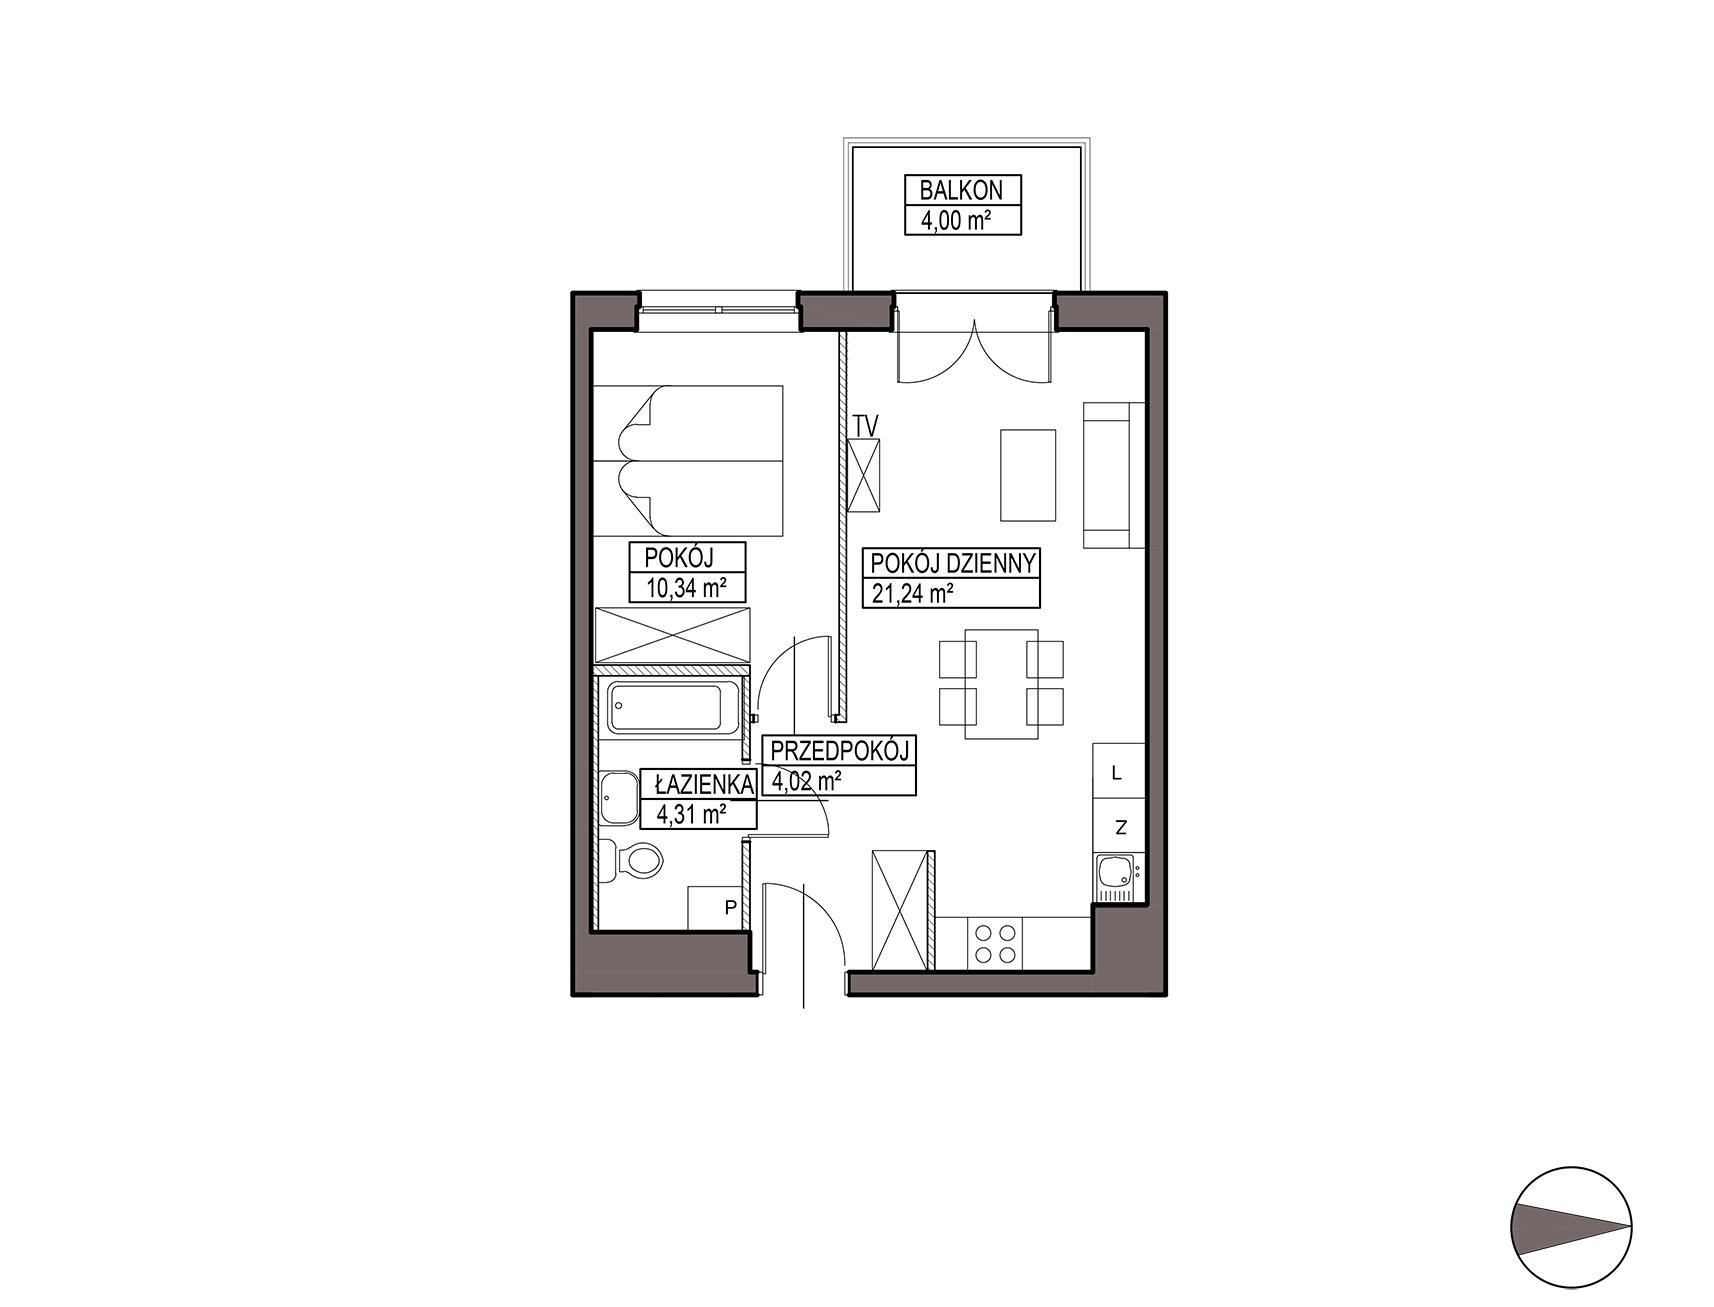 Uroczysko III / budynek 5 / mieszkanie G/1/21 rzut 1